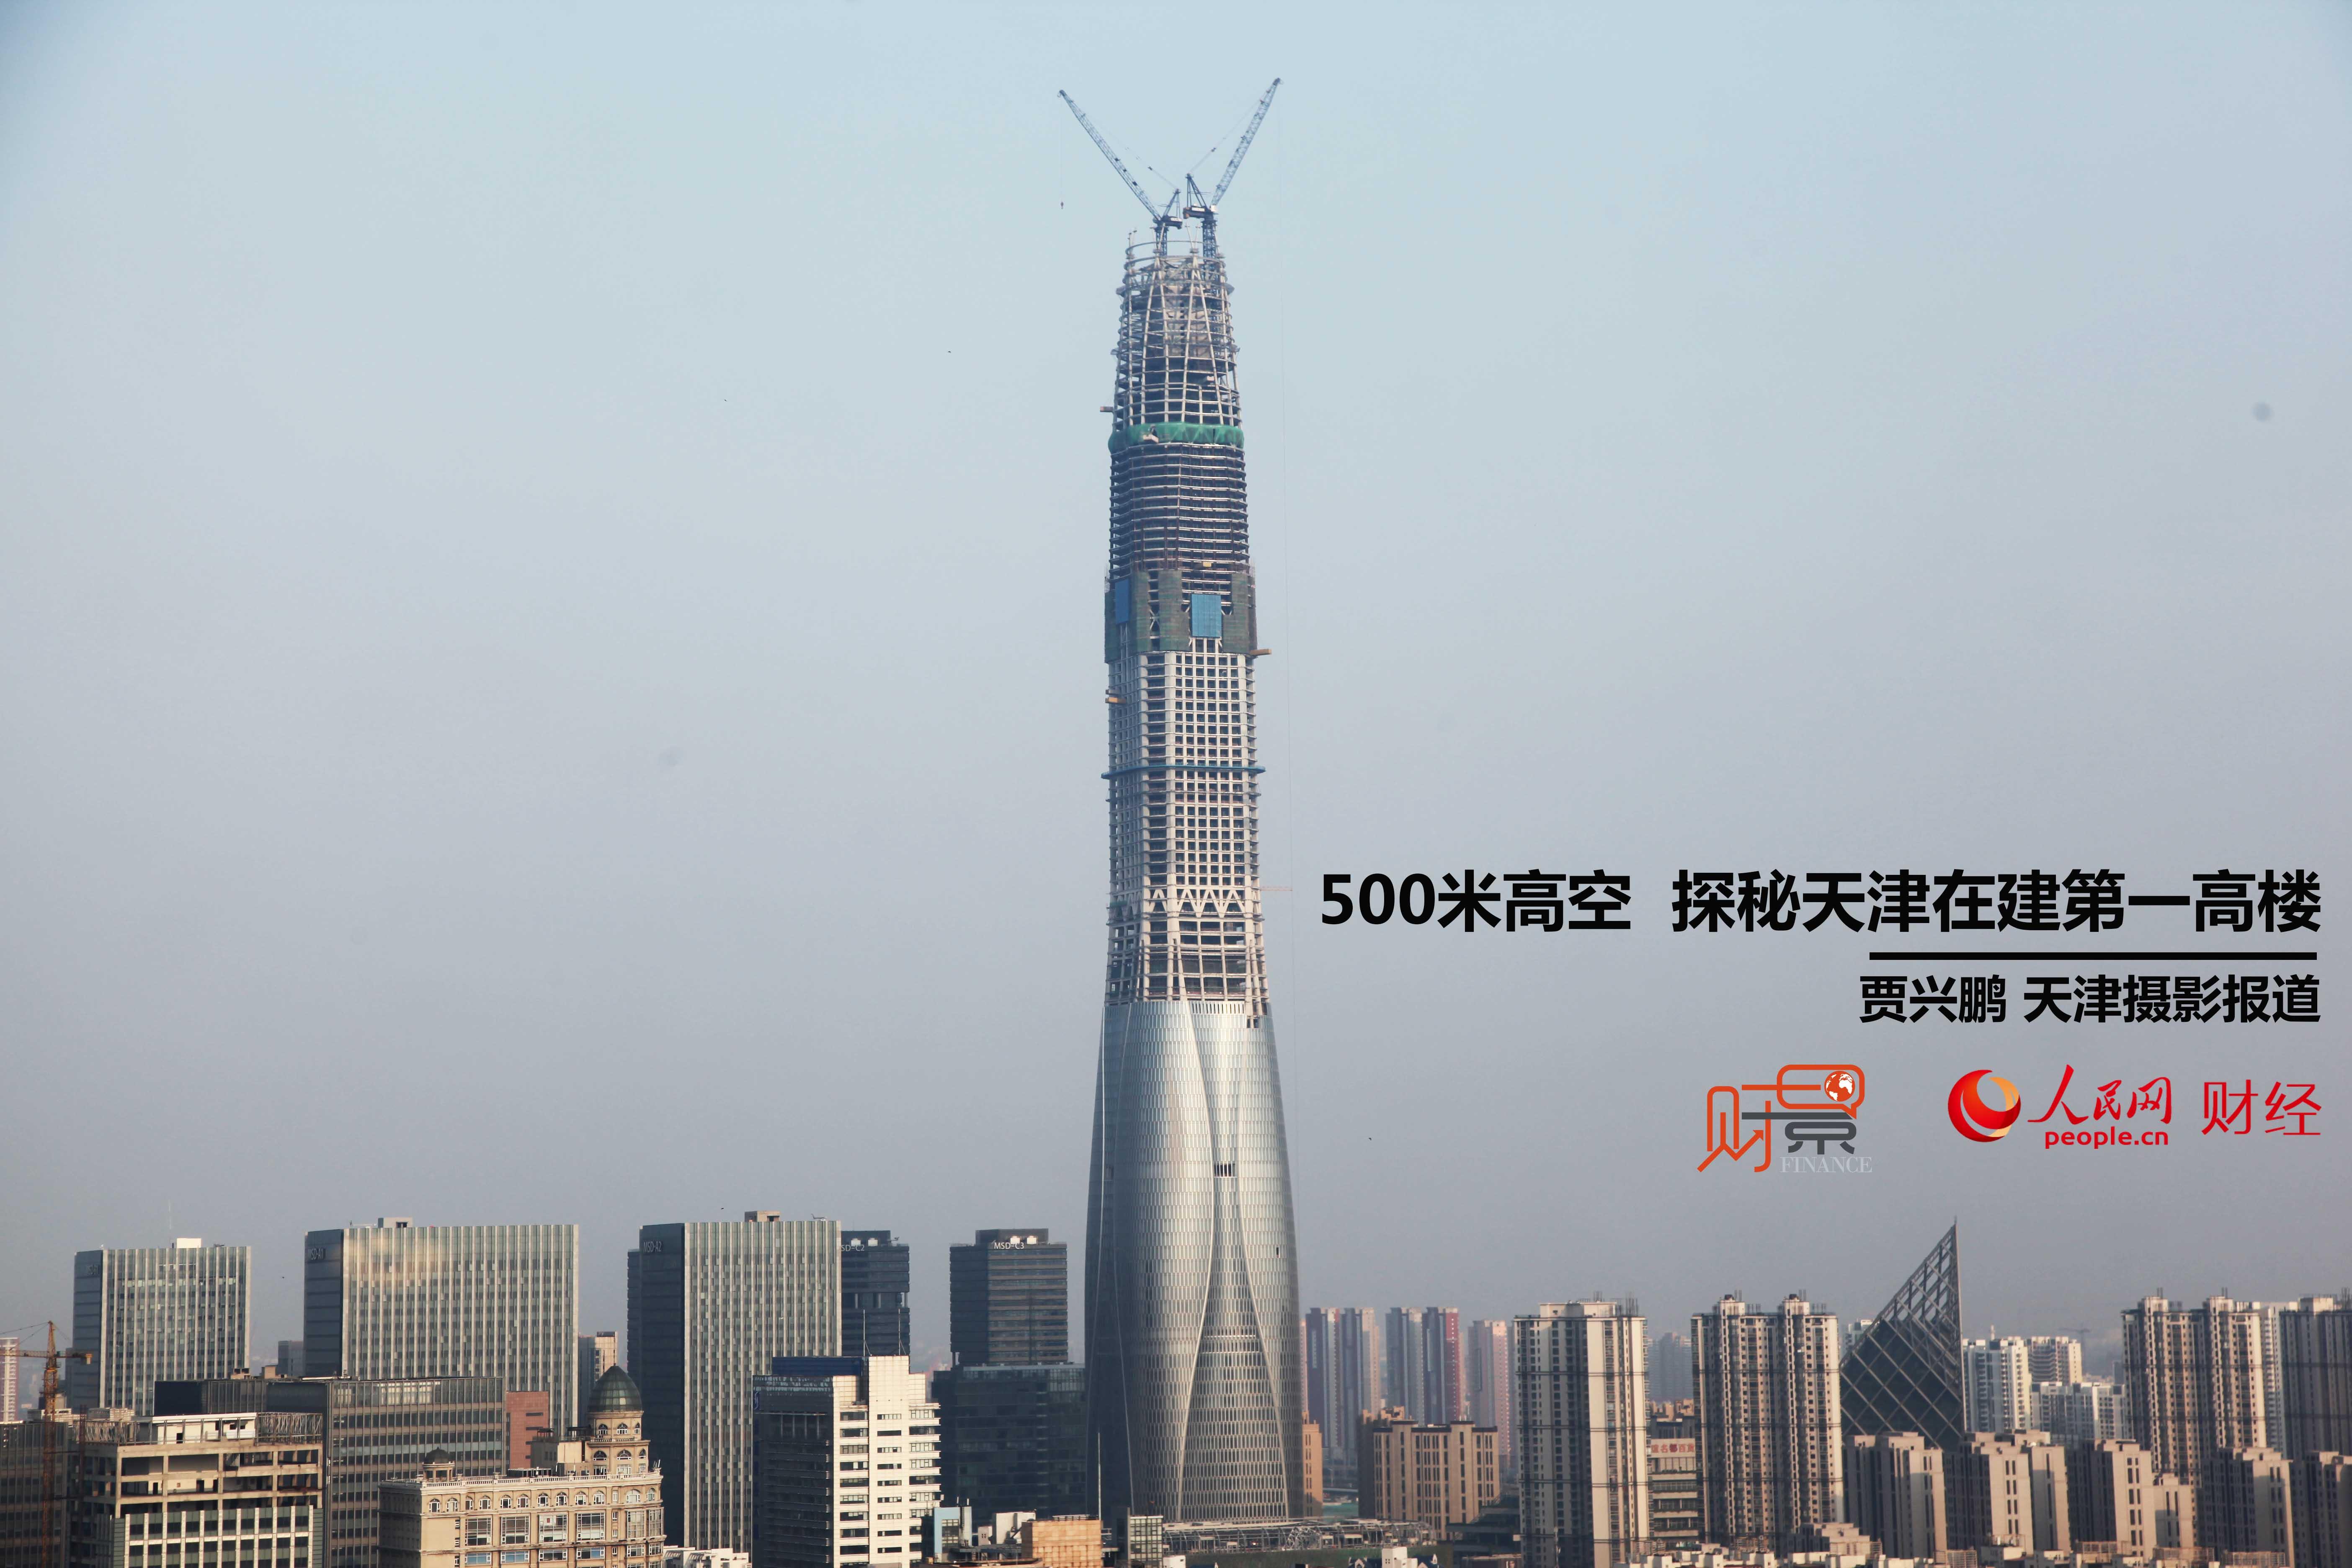 """6月19日,天津滨海新区,一座耀眼的摩天大厦直刺苍穹,这座外形由方变圆、扶摇直上的巨作,便是中建八局建设的周大福金融中心大厦,""""设计530米,现在已超500米了。""""周大福金融中心项目总经理苏亚武自豪的说。日前,人民网《财景》记者跟随建设者到达500米高空,独家探访这座高楼的""""惊心动魄""""。"""